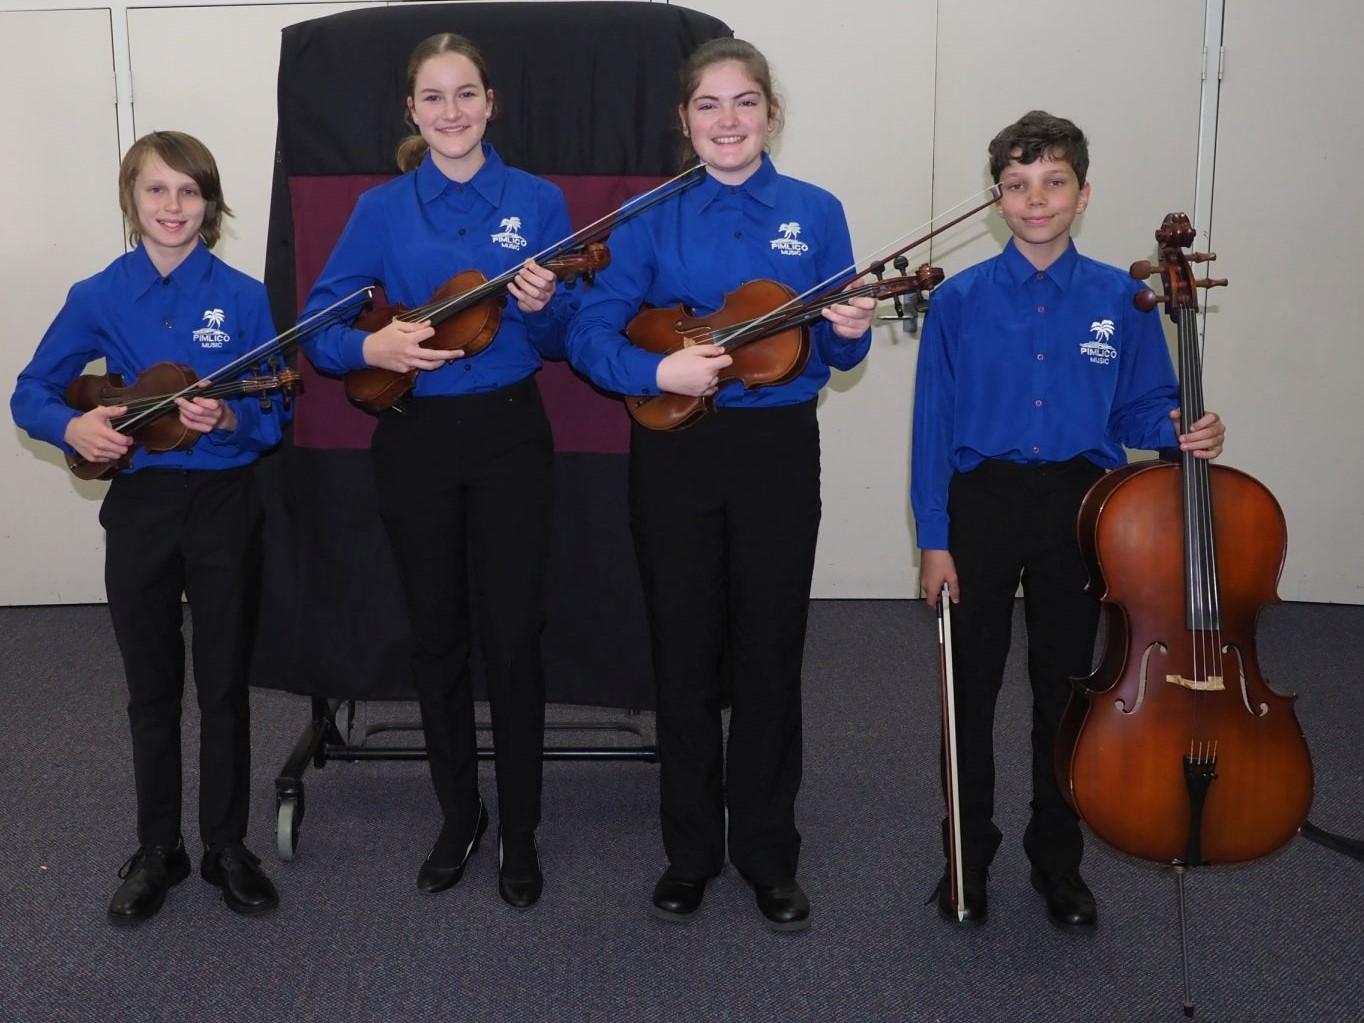 Fantome Quartet - Highly Commended